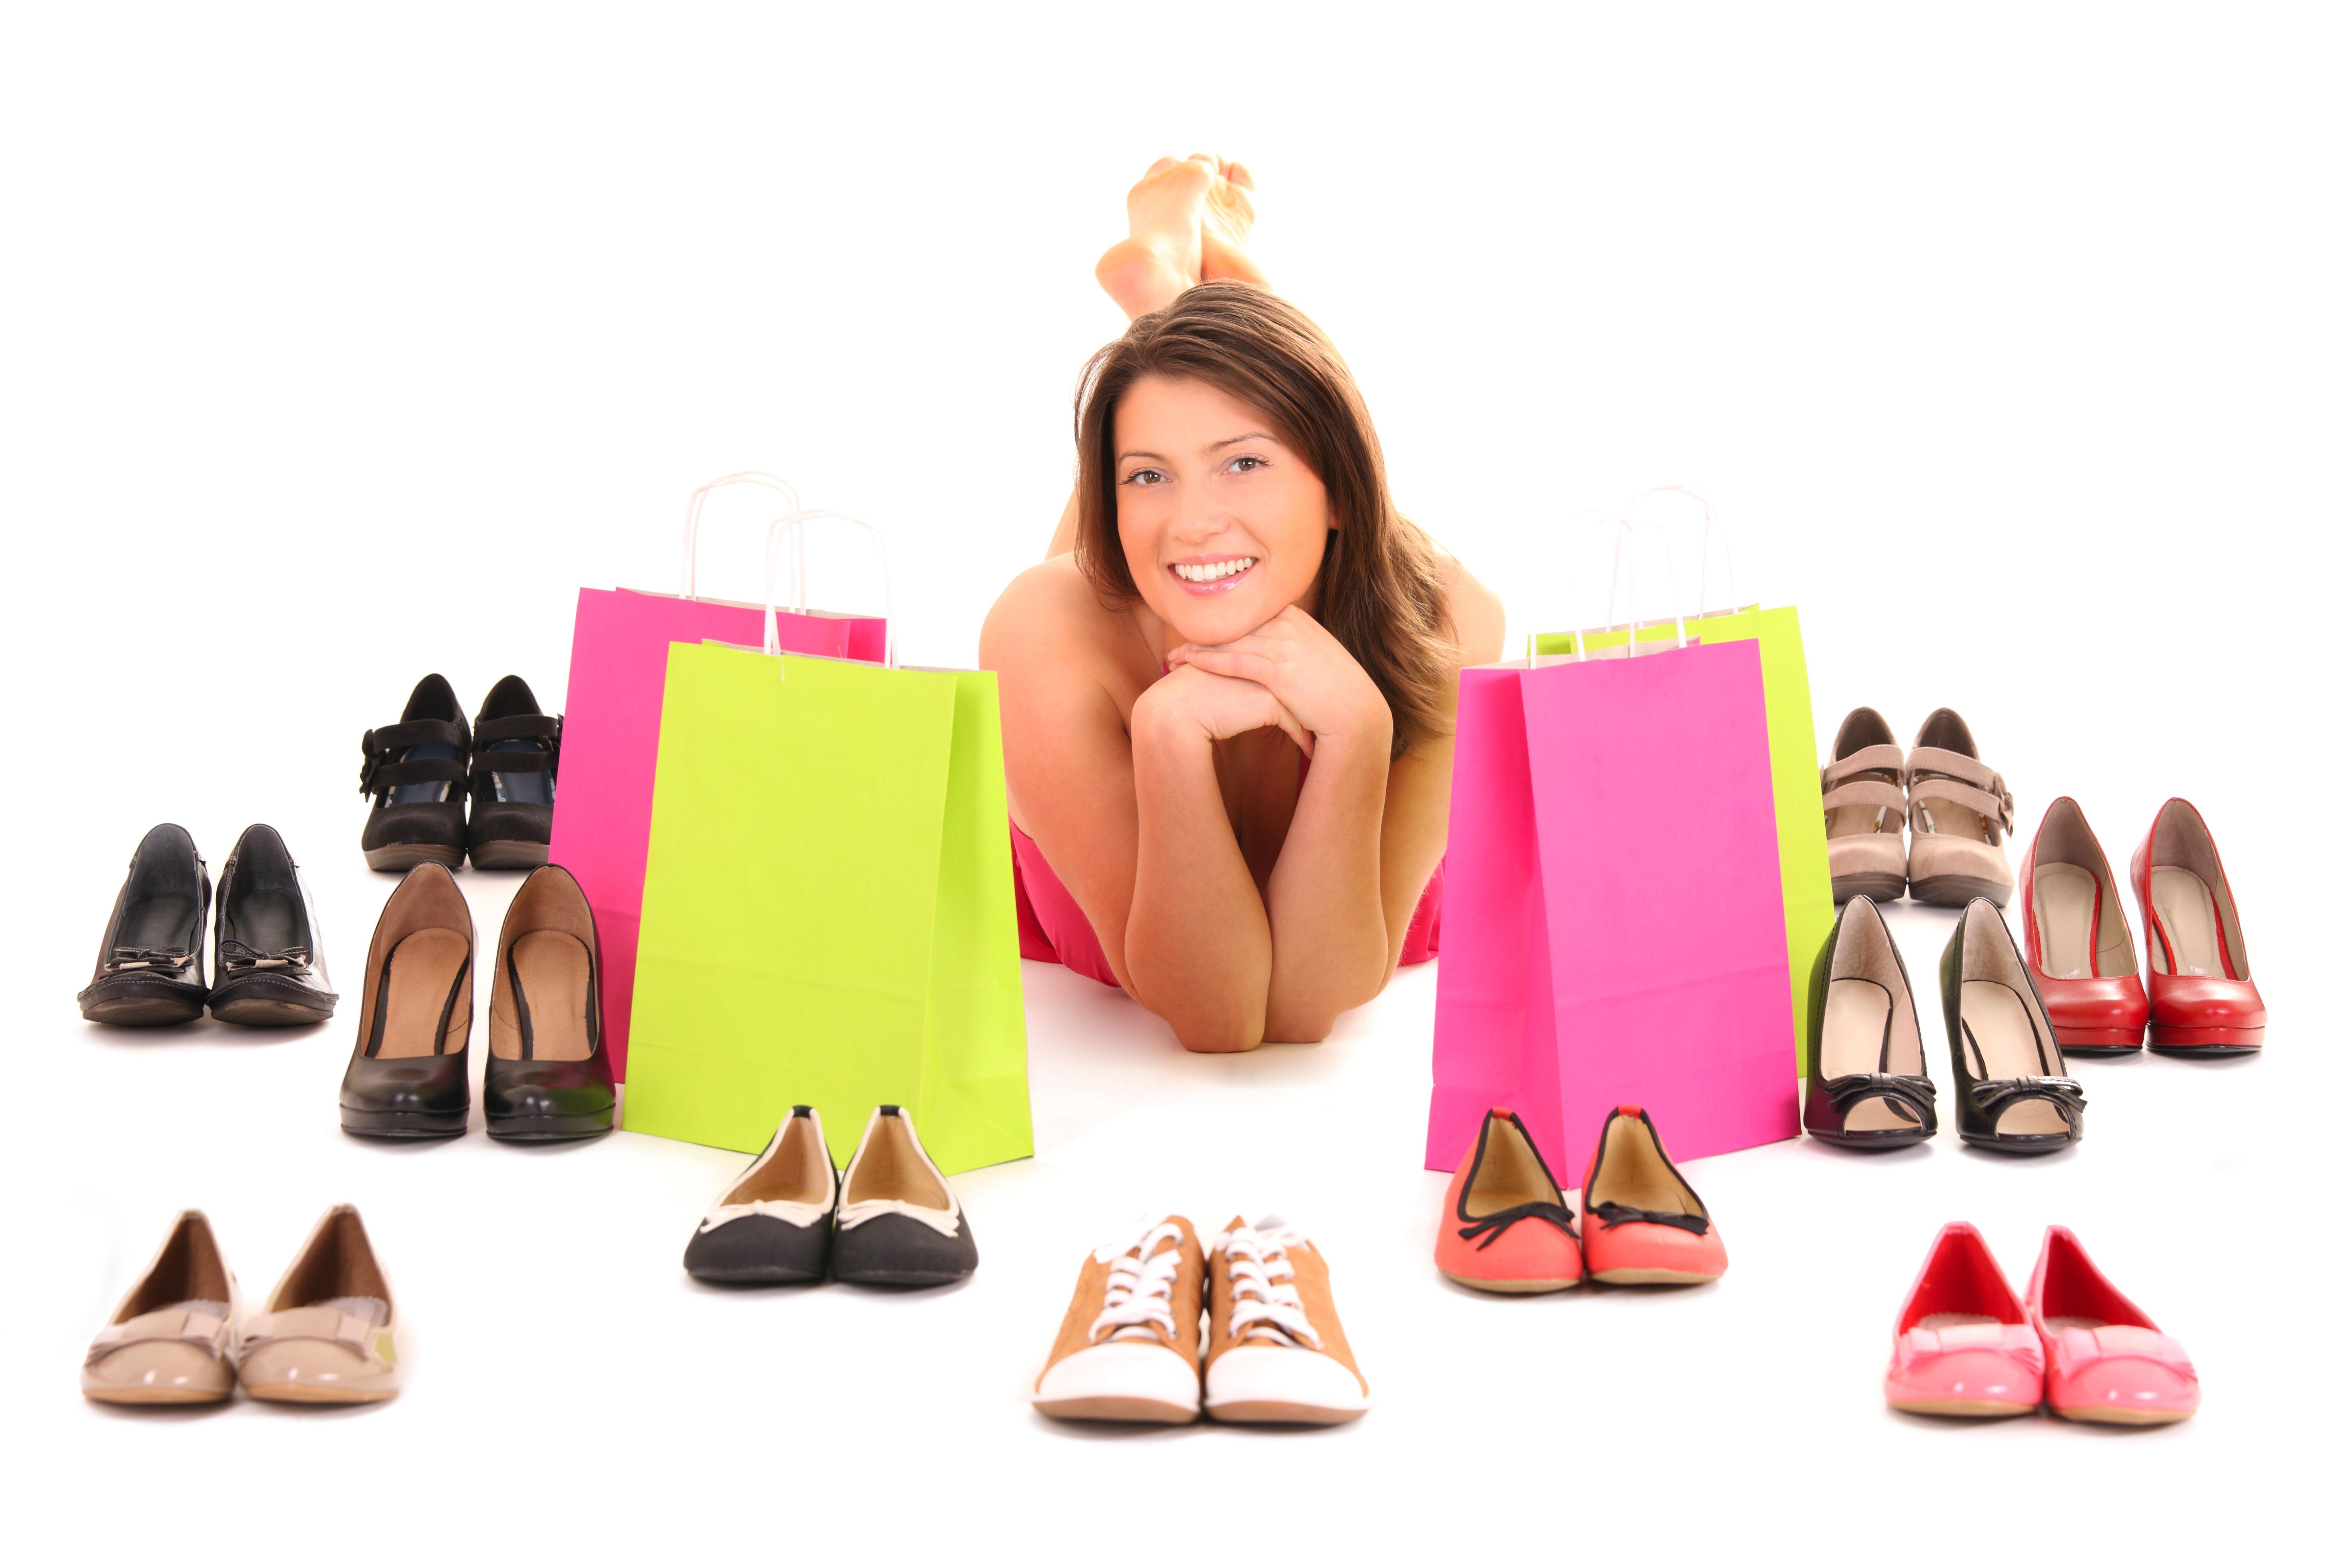 Antes de comprar um par de sapatos novos, avalie qual a sua real necessidade e a finalidade da compra. E segure a tentação de comprar mais de um porque o preço está bom! / GB Imagem